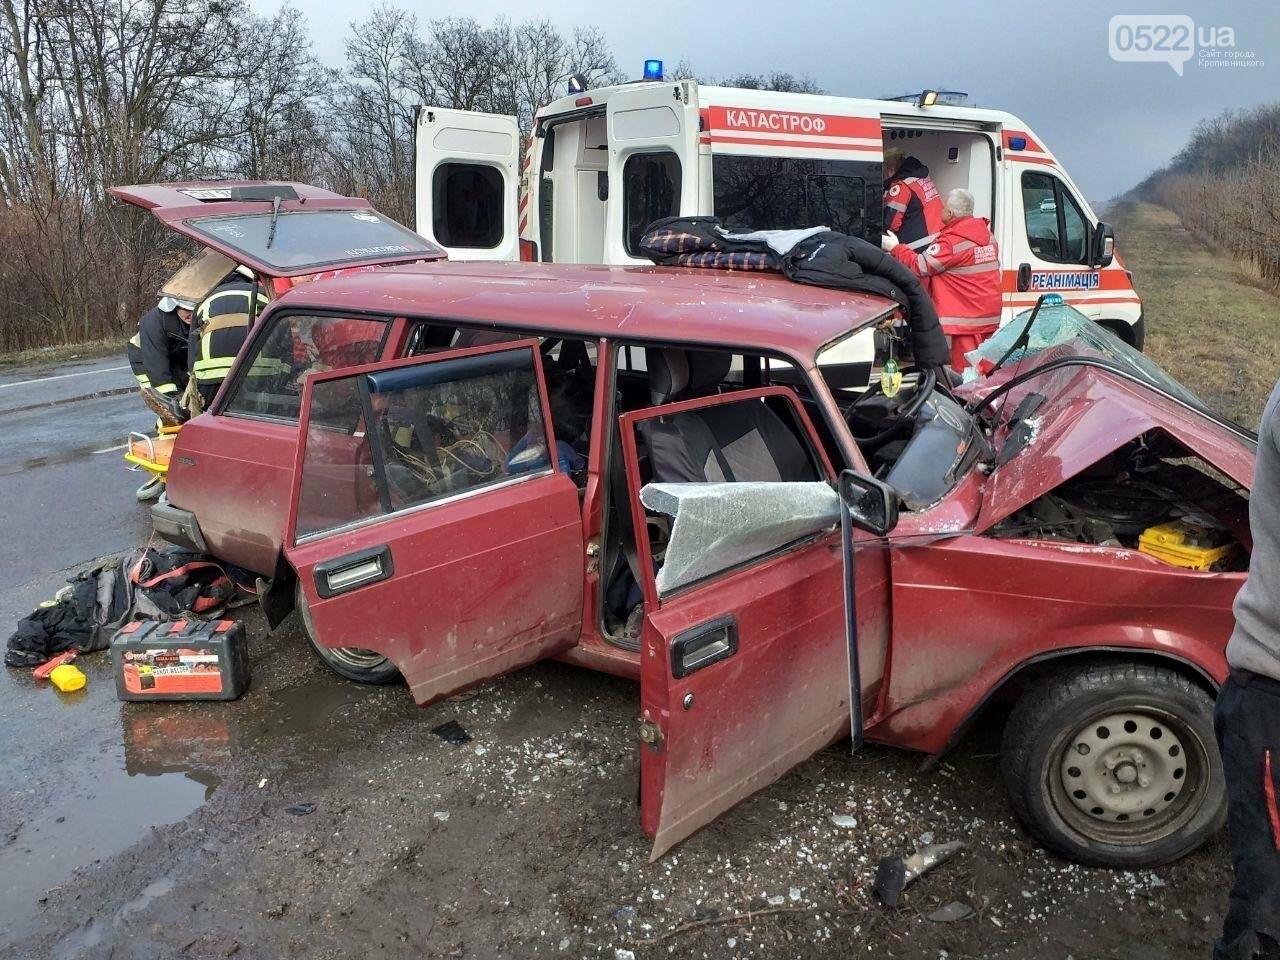 Рятувальники Кіровоградщини надали допомогу по ліквідації наслідків 2-х ДТП, фото-3